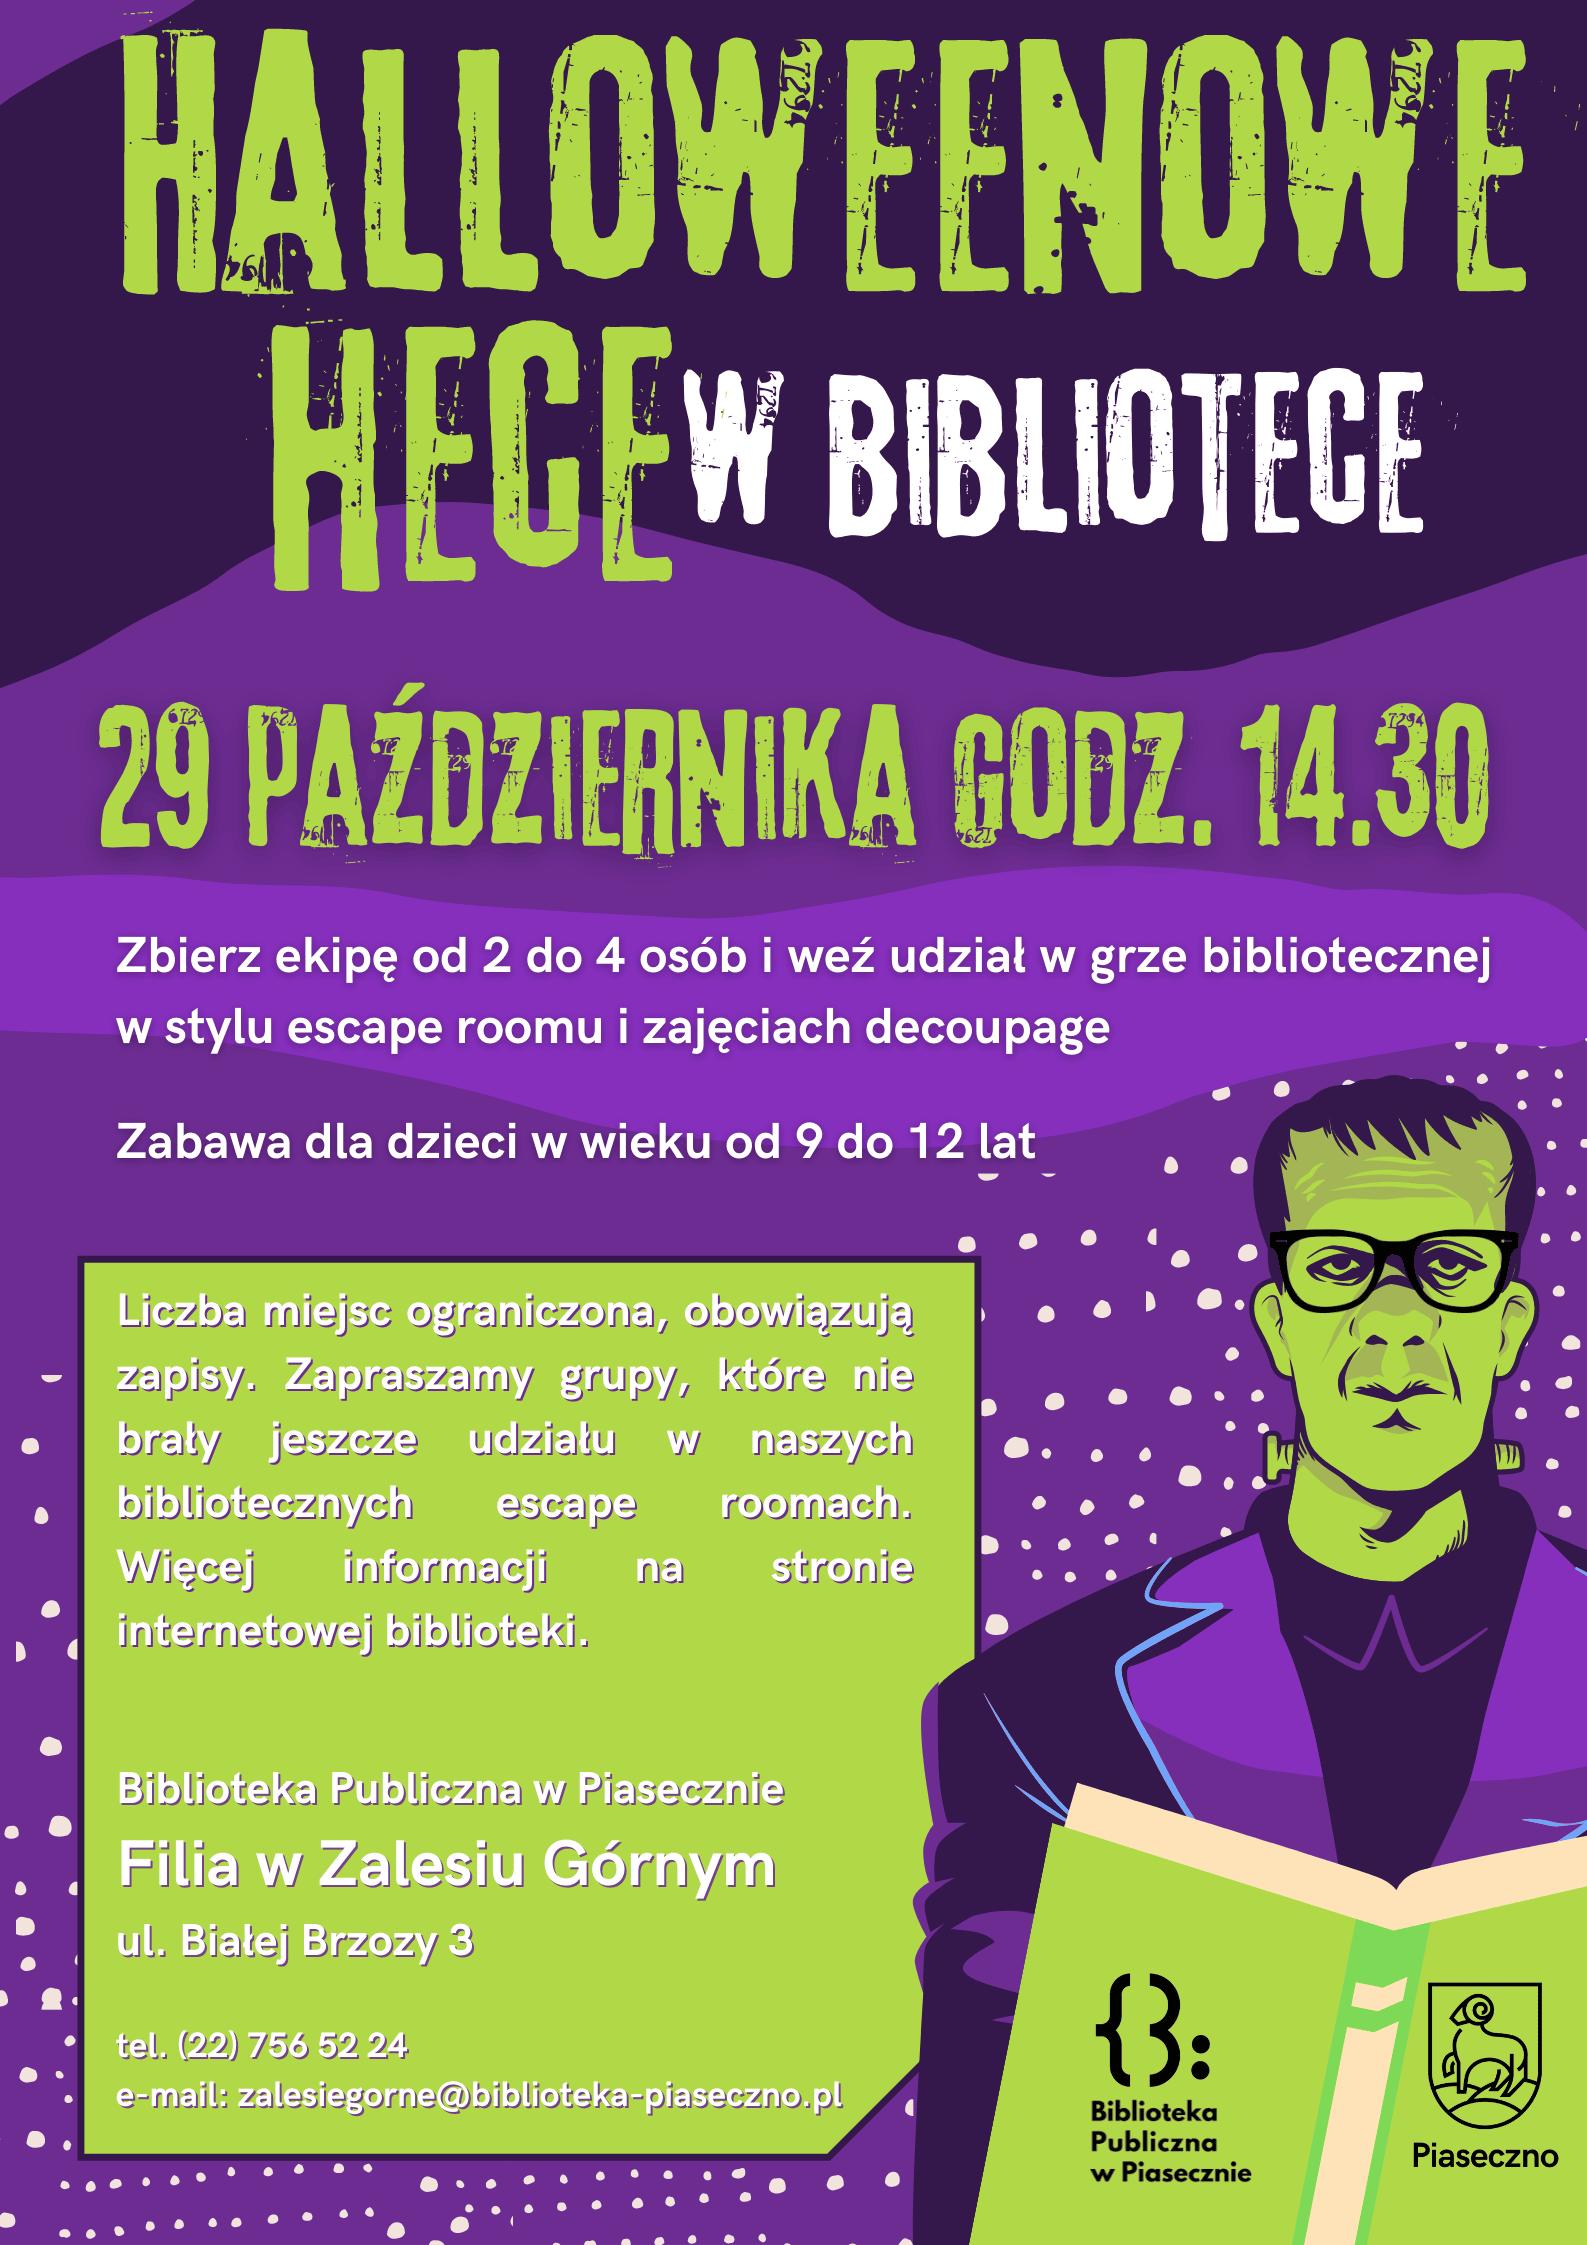 Fioletowo-zielony plakat dotyczacy wydarzenia dla dzieci